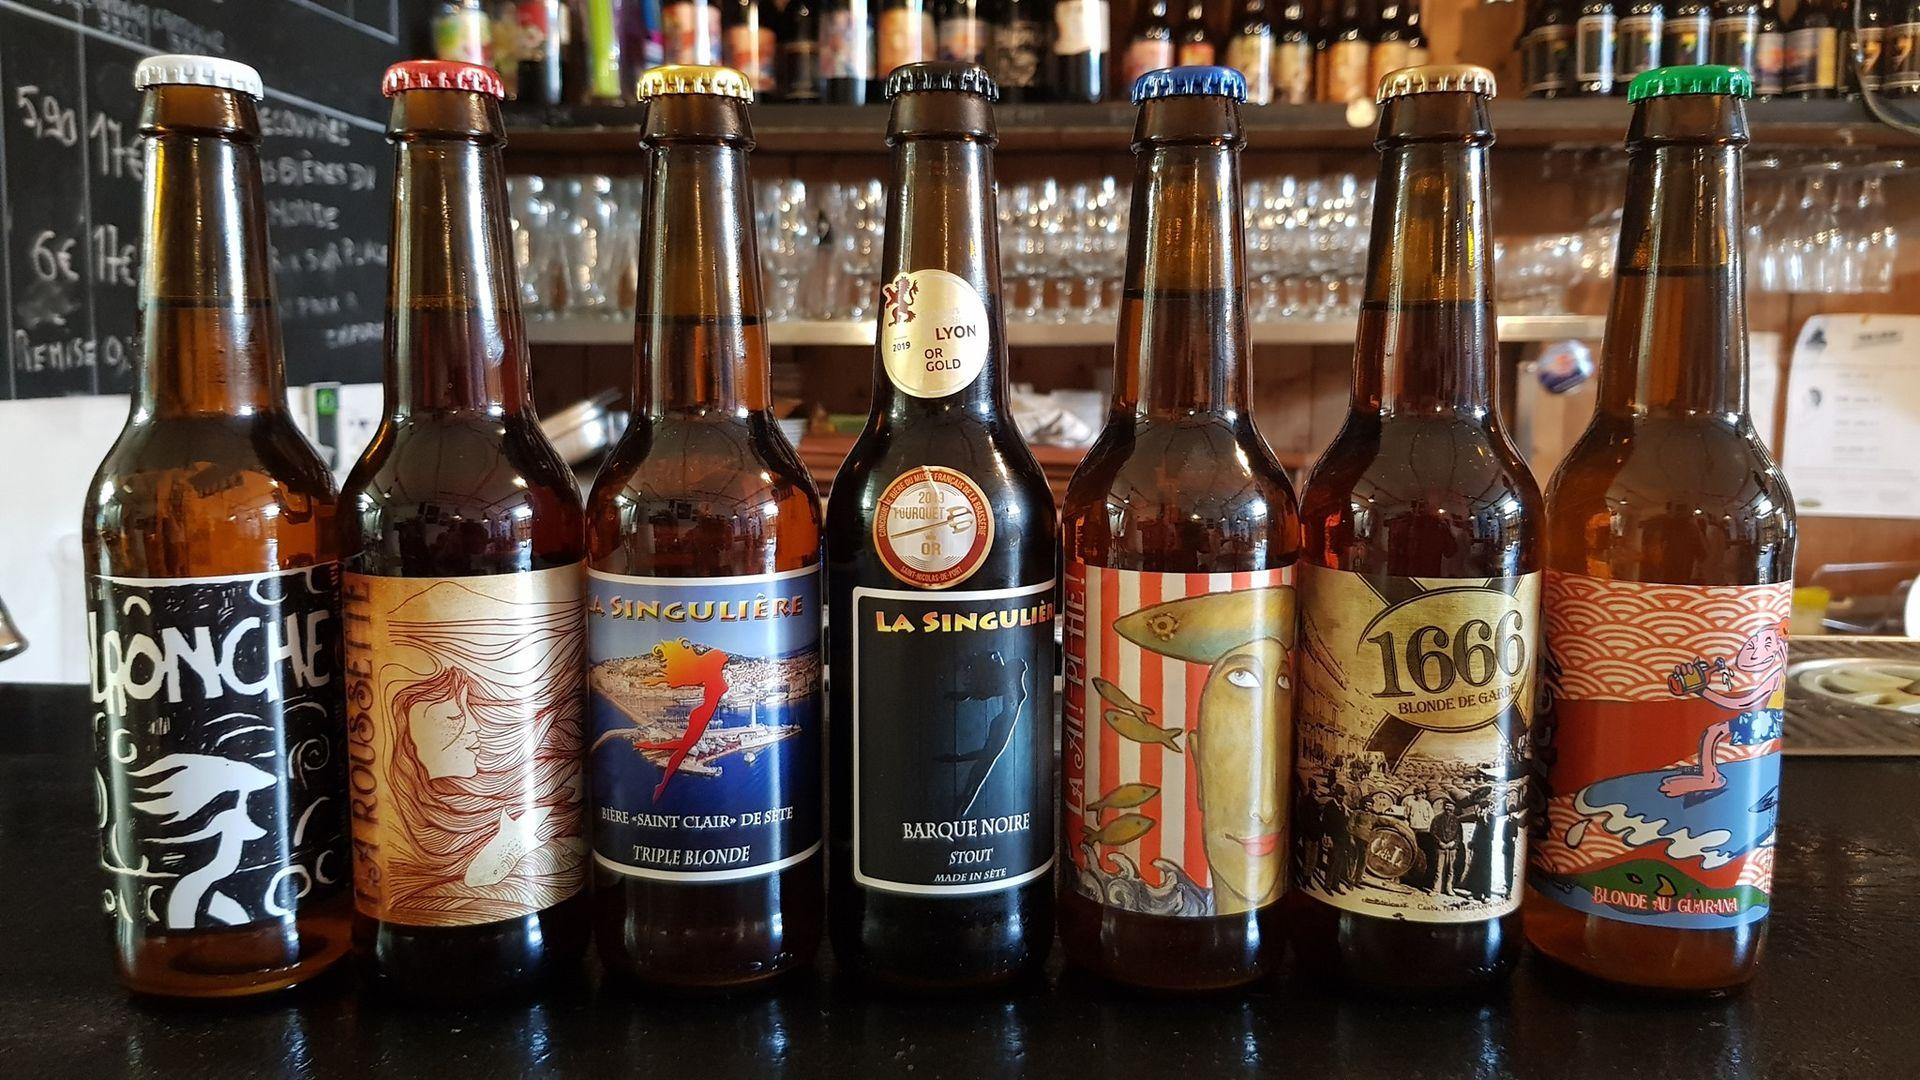 Sète - Bières de la Brasserie Artisanale La Singulière